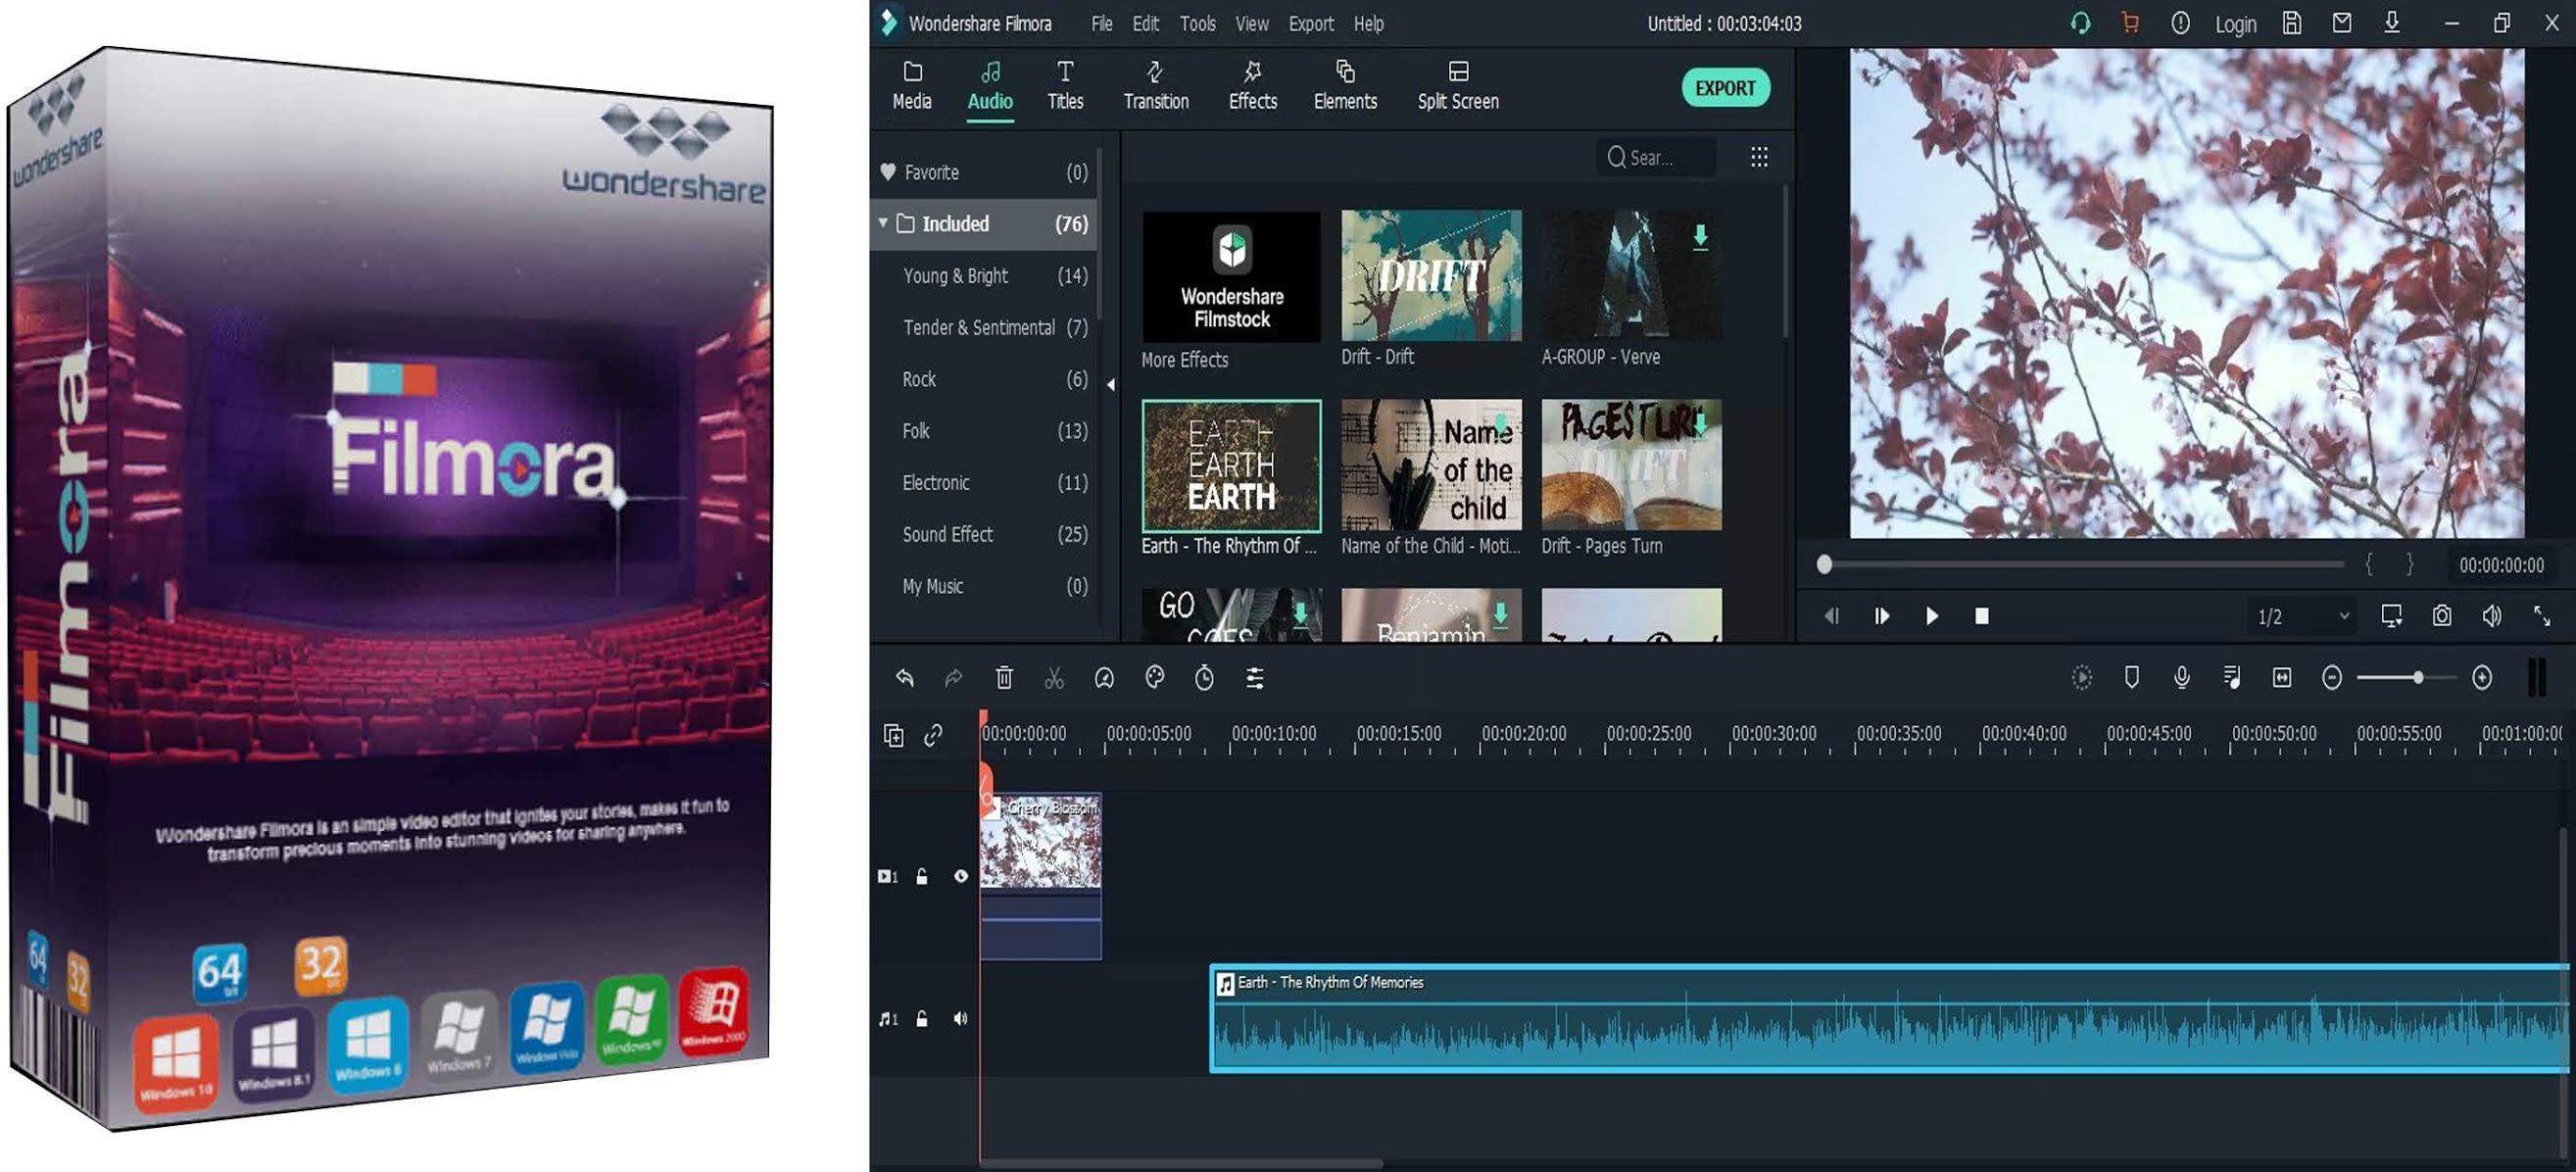 Cara Install Wondershare Filmora 10 Full Version